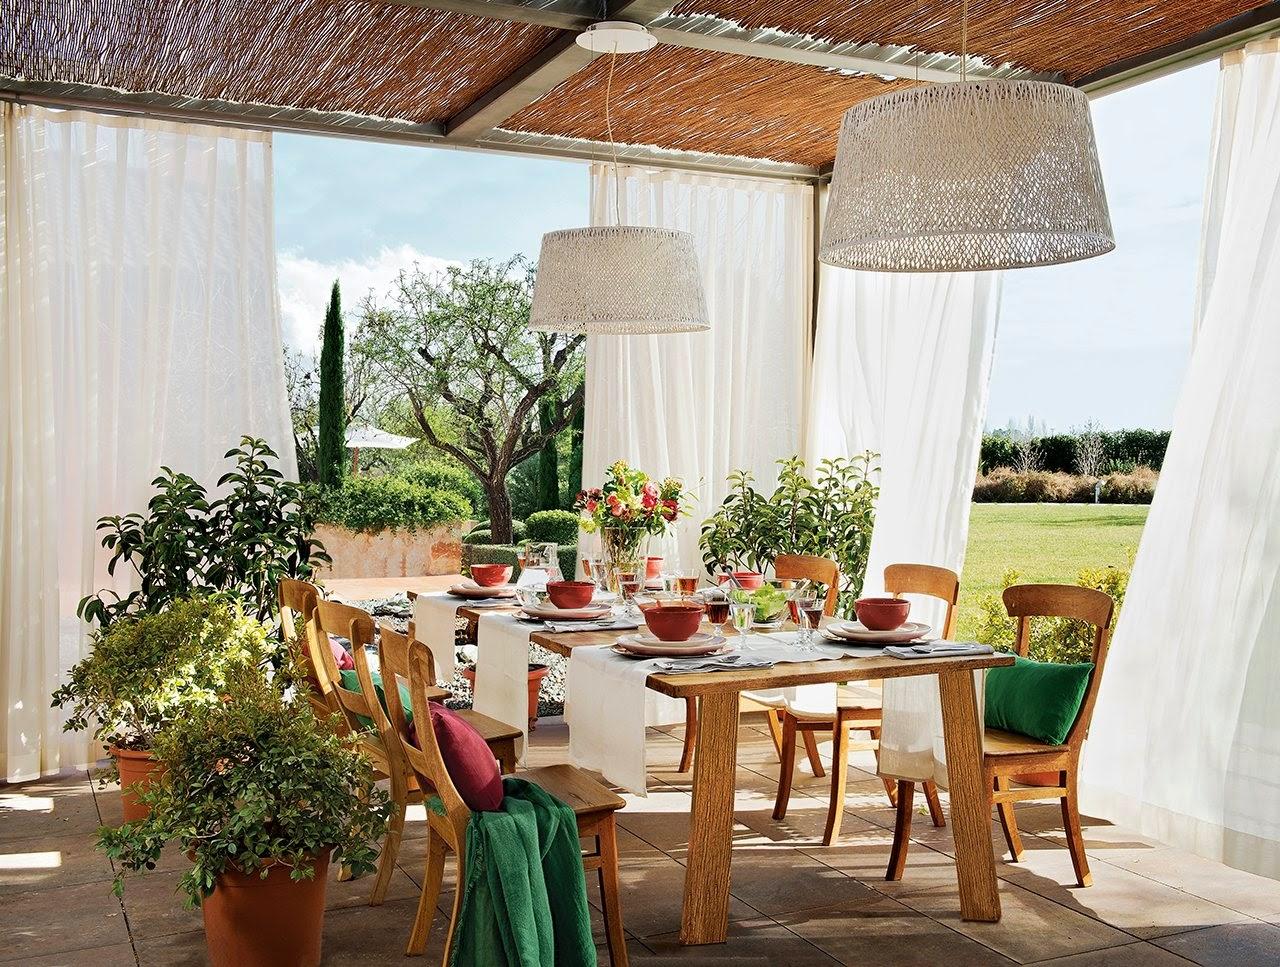 30 ideja za ure enje ljetne terase - Comedor terraza ...